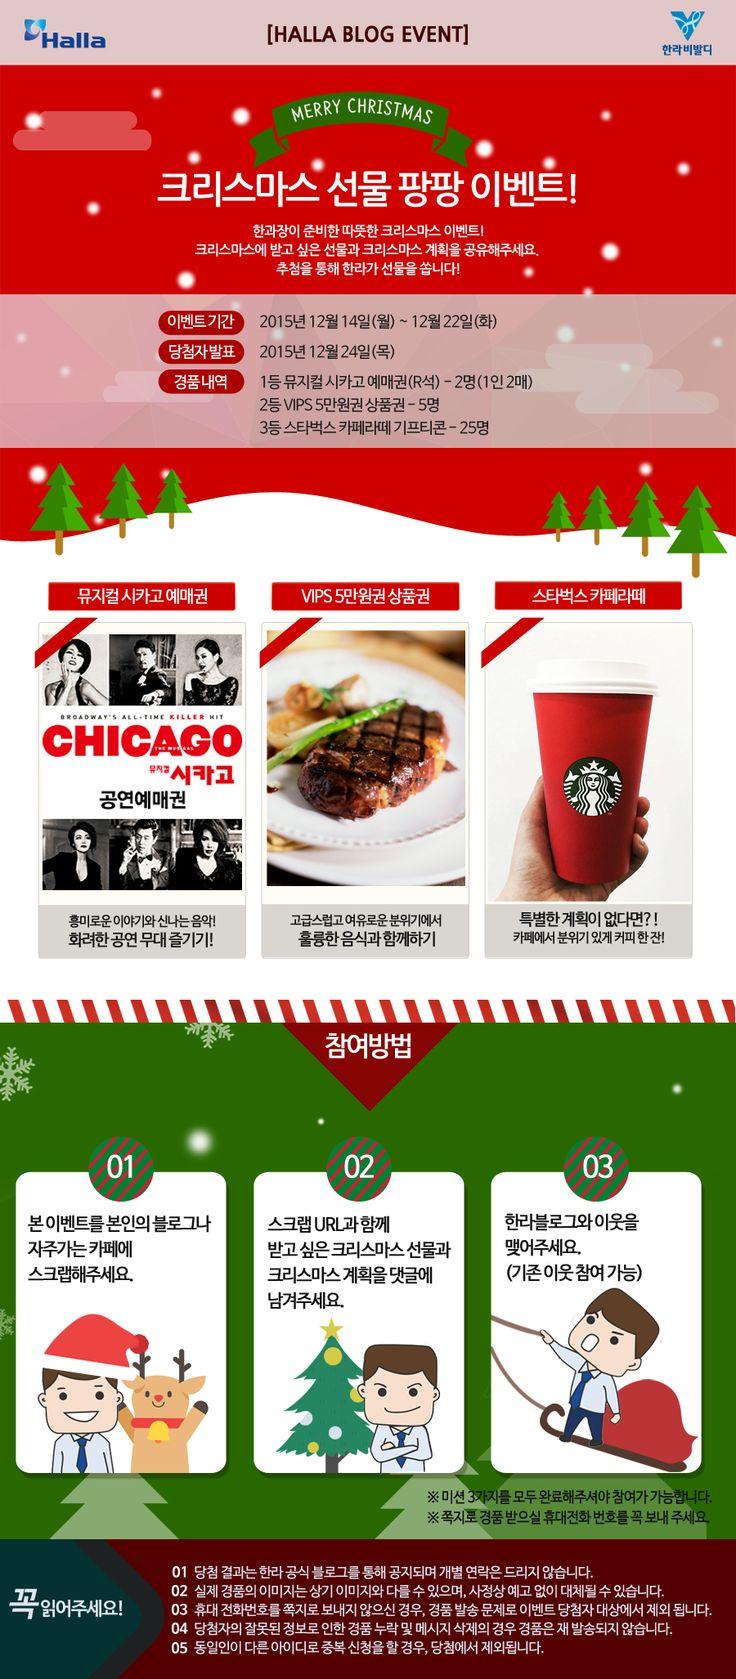 [이벤트] Merry christmas HALLA! 크리스마스 계획 공유하기 이벤트! http://blog.naver.com/halla_apt/220568095180